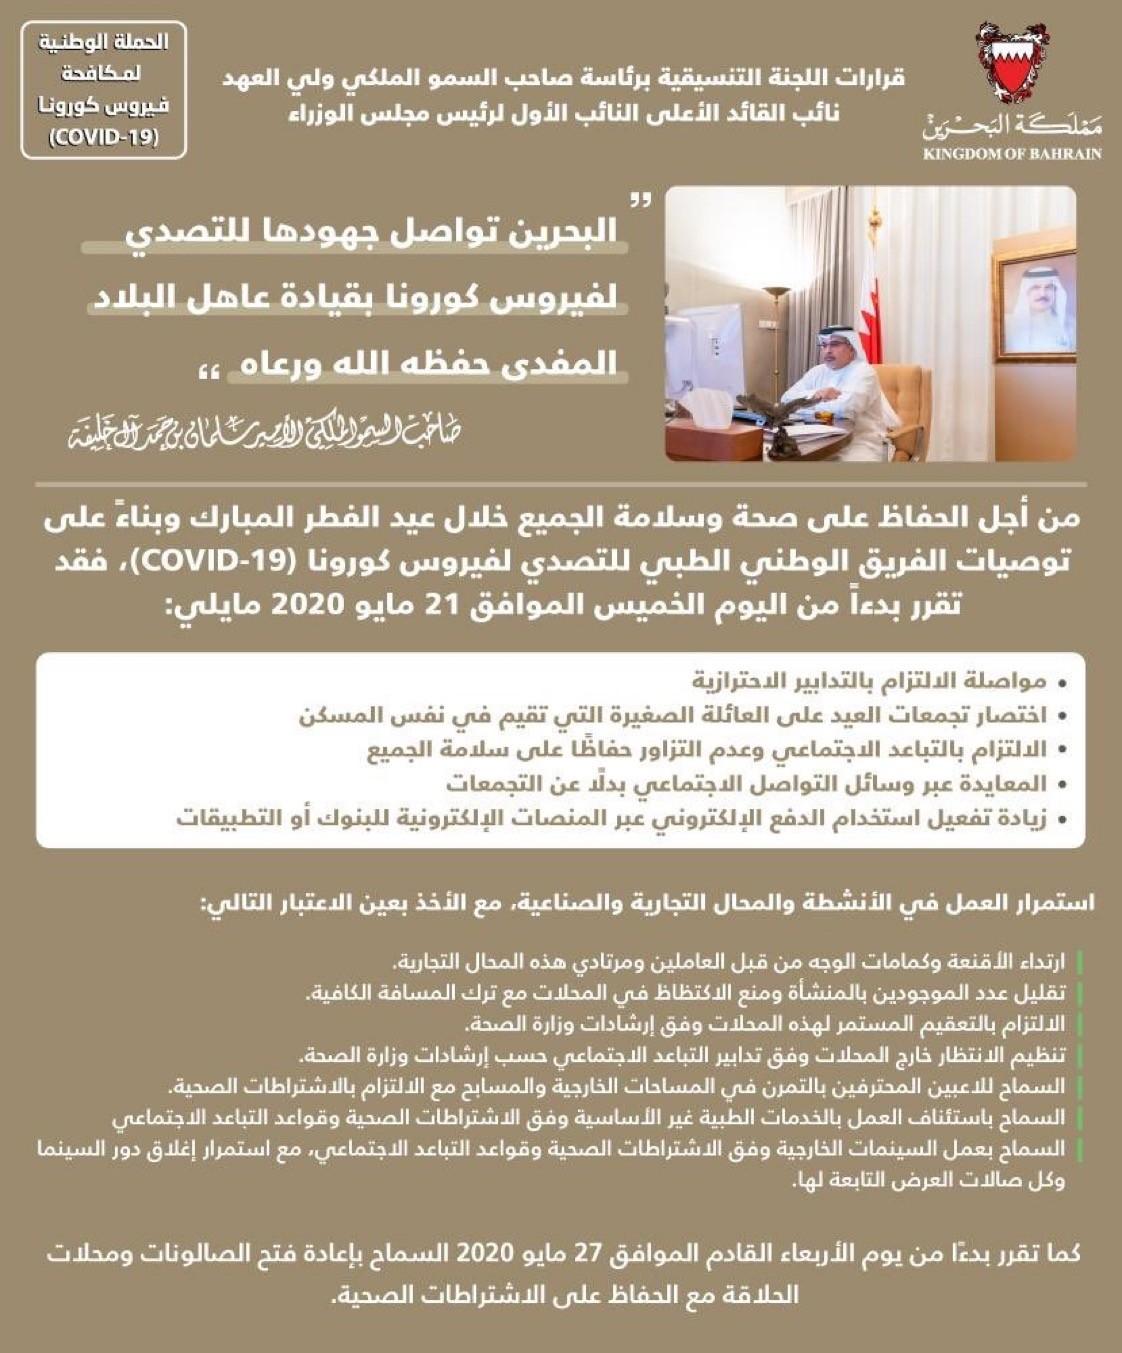 اللجنة التنسيقية برئاسة ولي العهد تقرر: 27 مايو لفتح صالونات الحلاقة